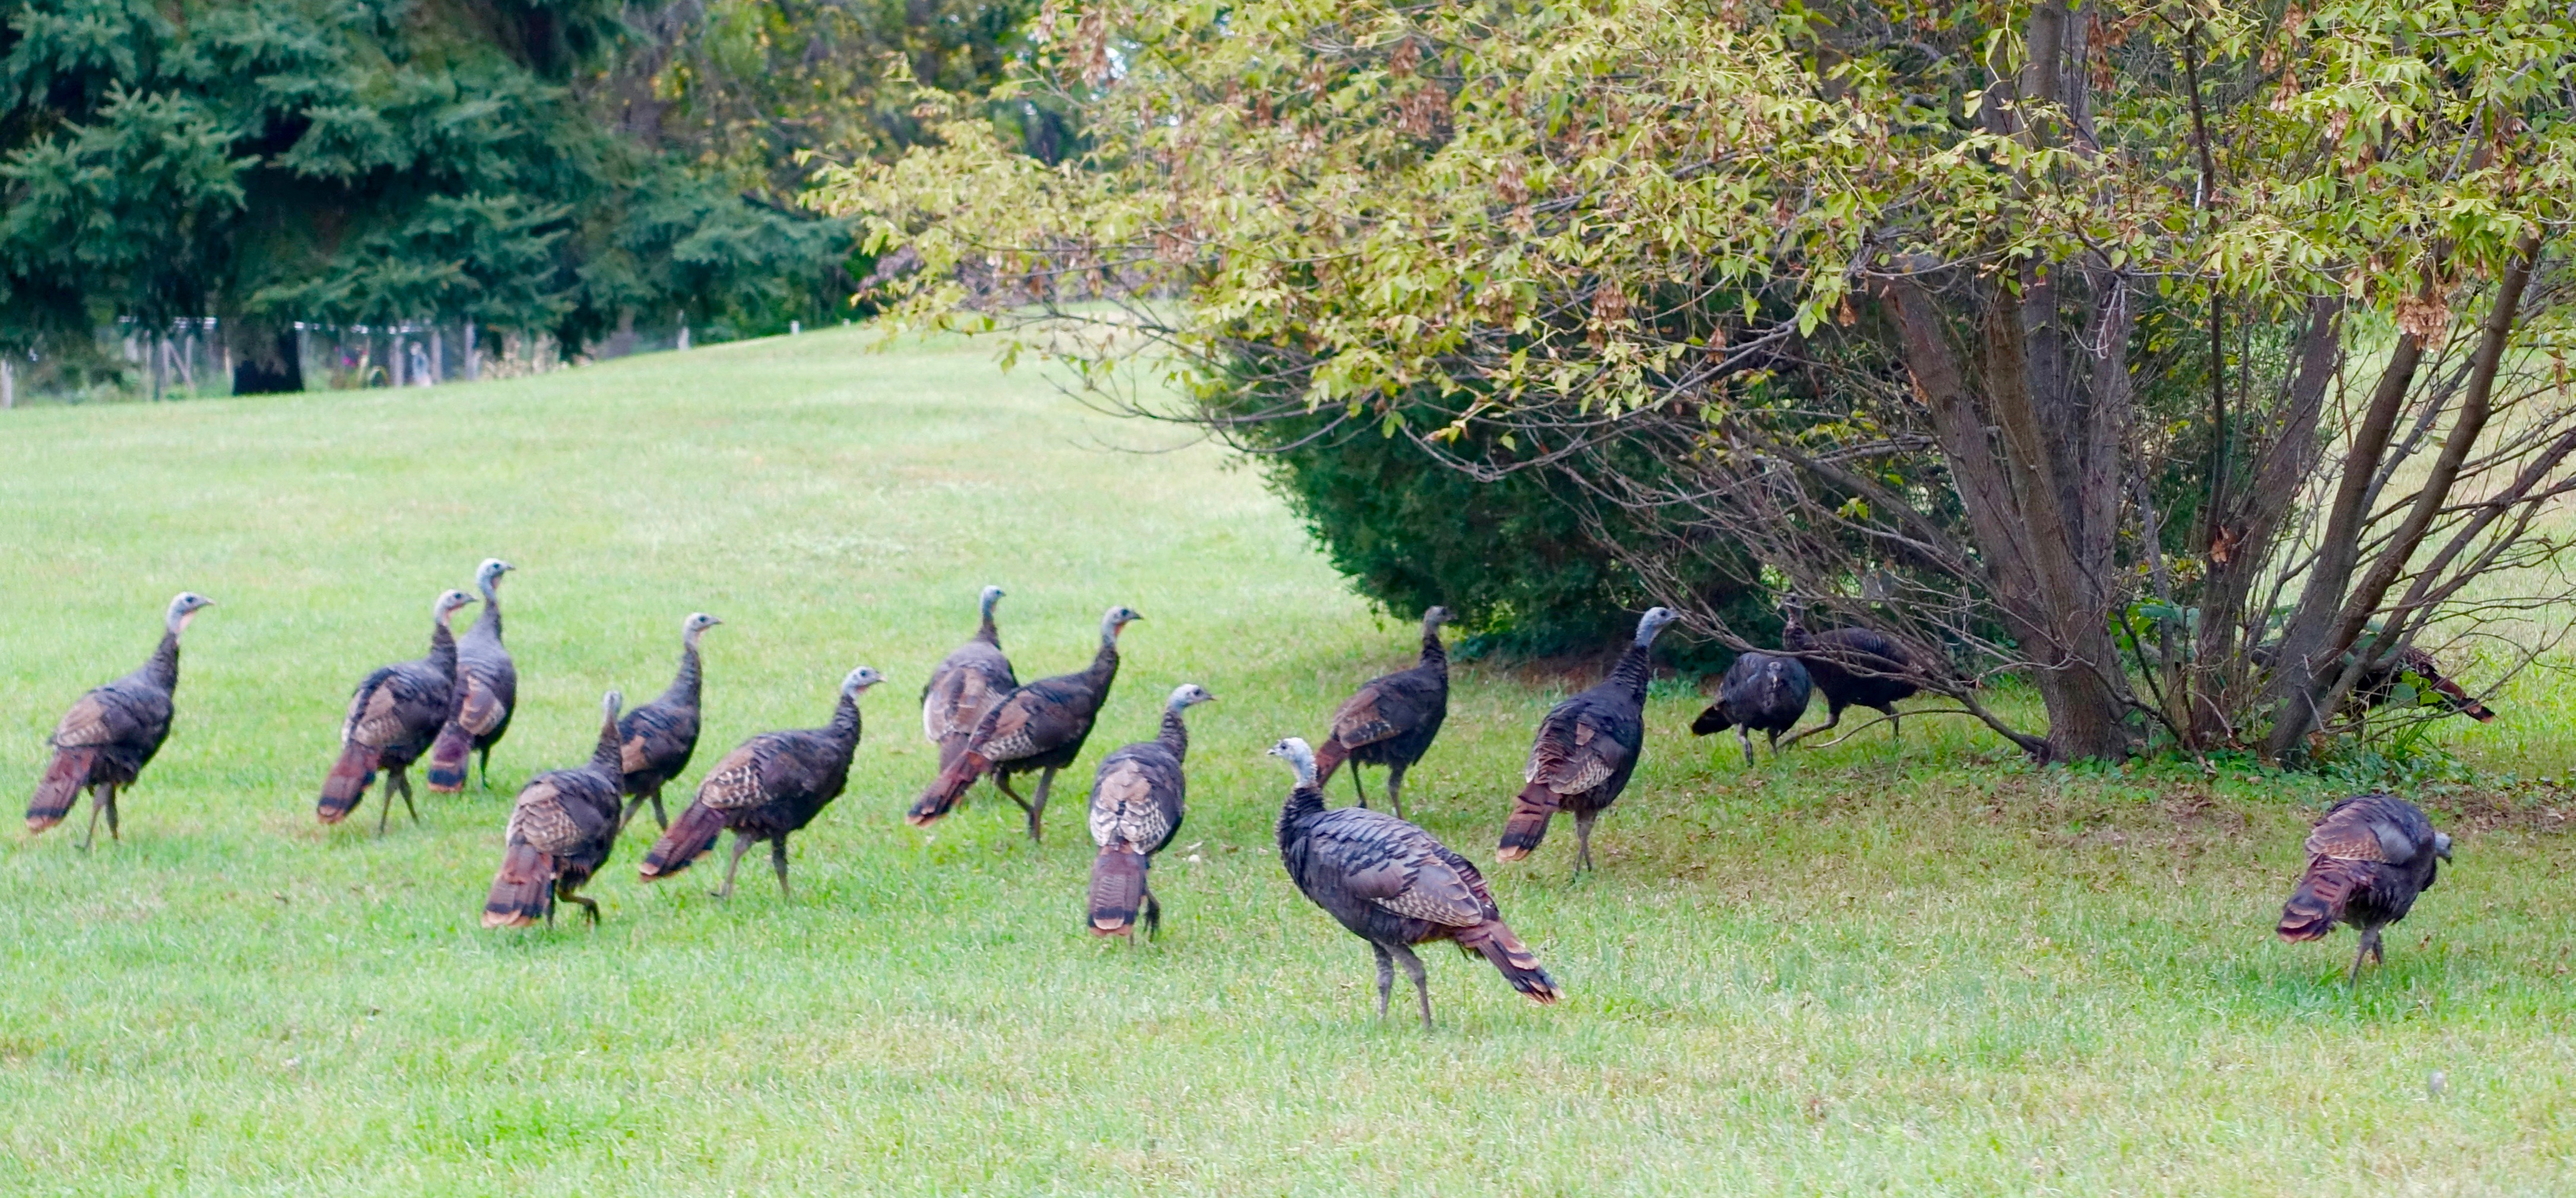 Flock of wild turkeys